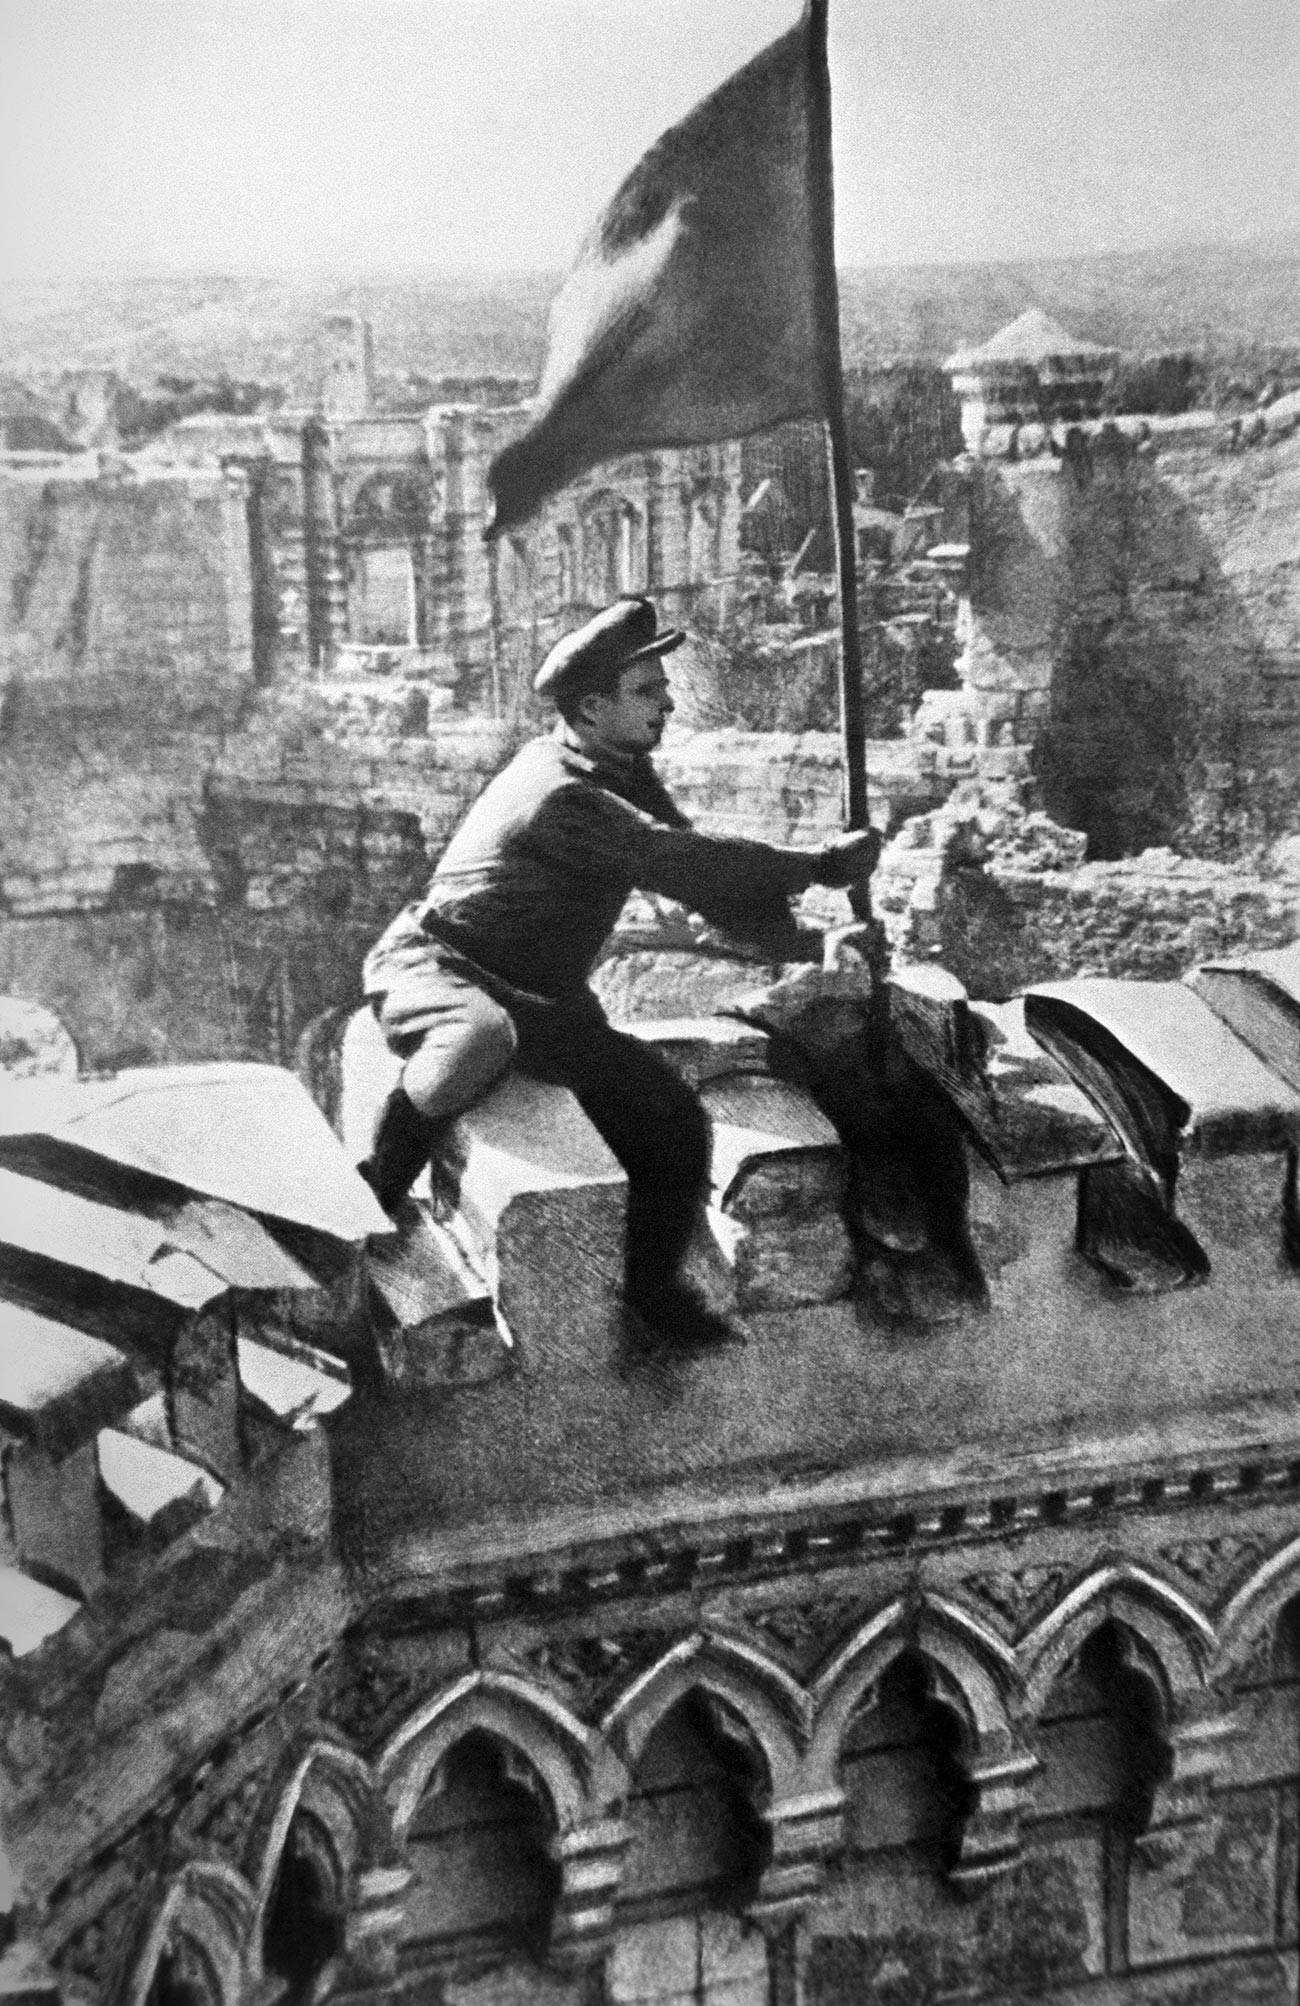 Издигане на знамето на Победата в Кишинев, 1944 г.